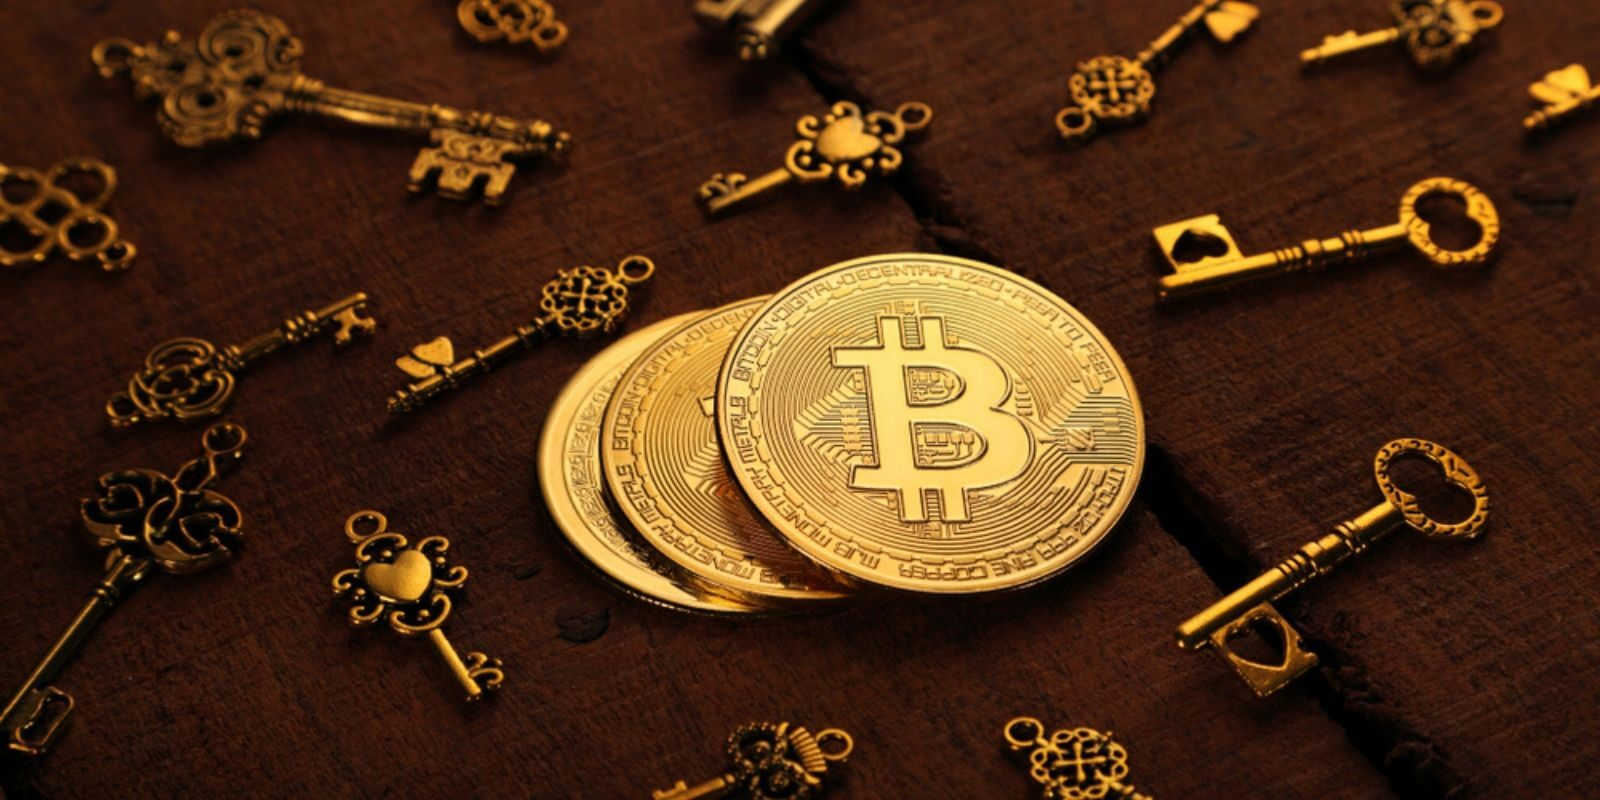 Clés privées, clés publiques et adresses dans Bitcoin